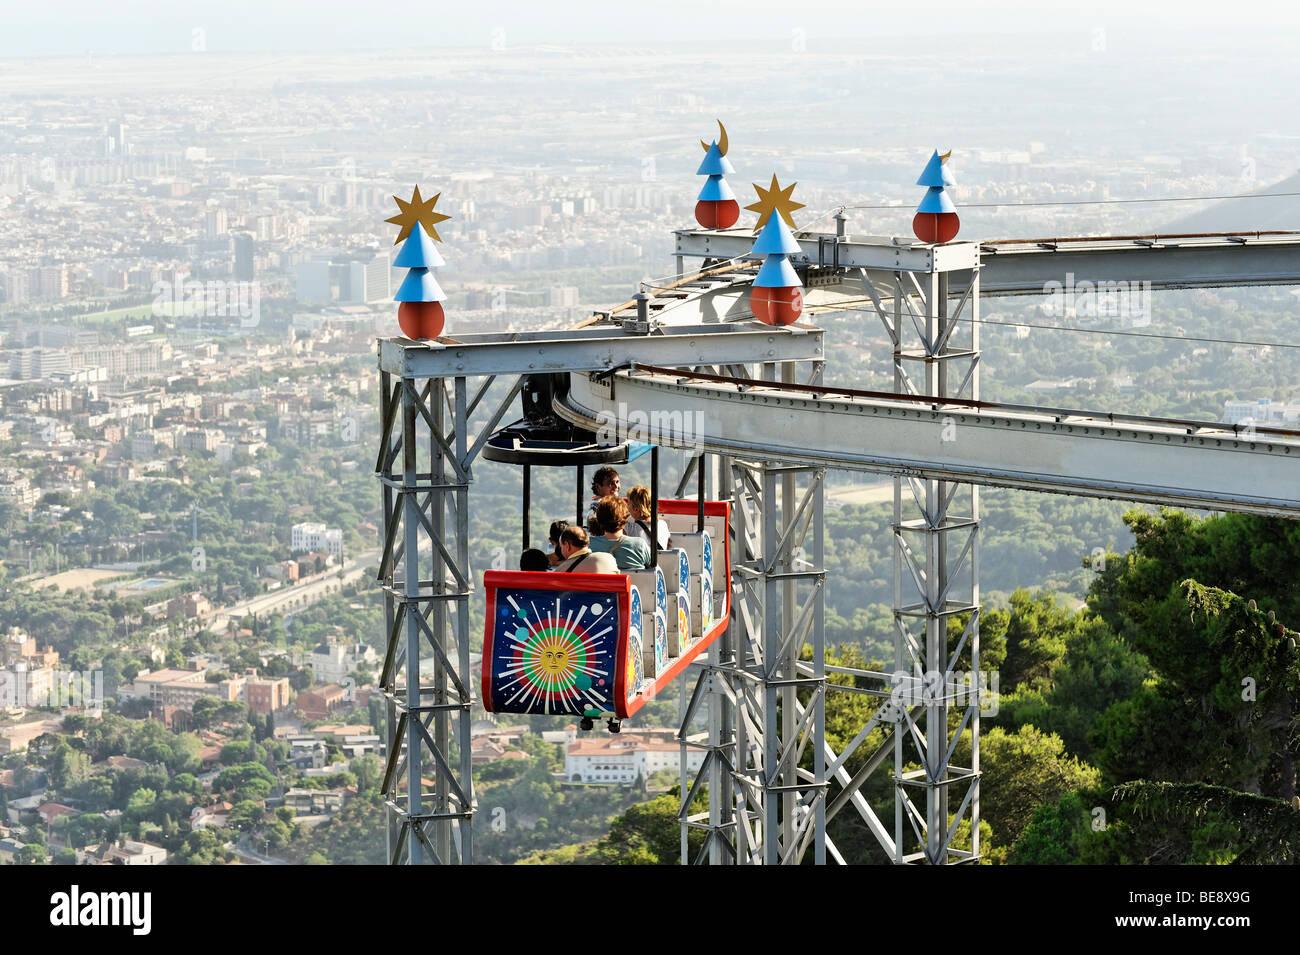 Fun fair ride en el parque de atracciones del Tibidabo. Barcelona España. Imagen De Stock